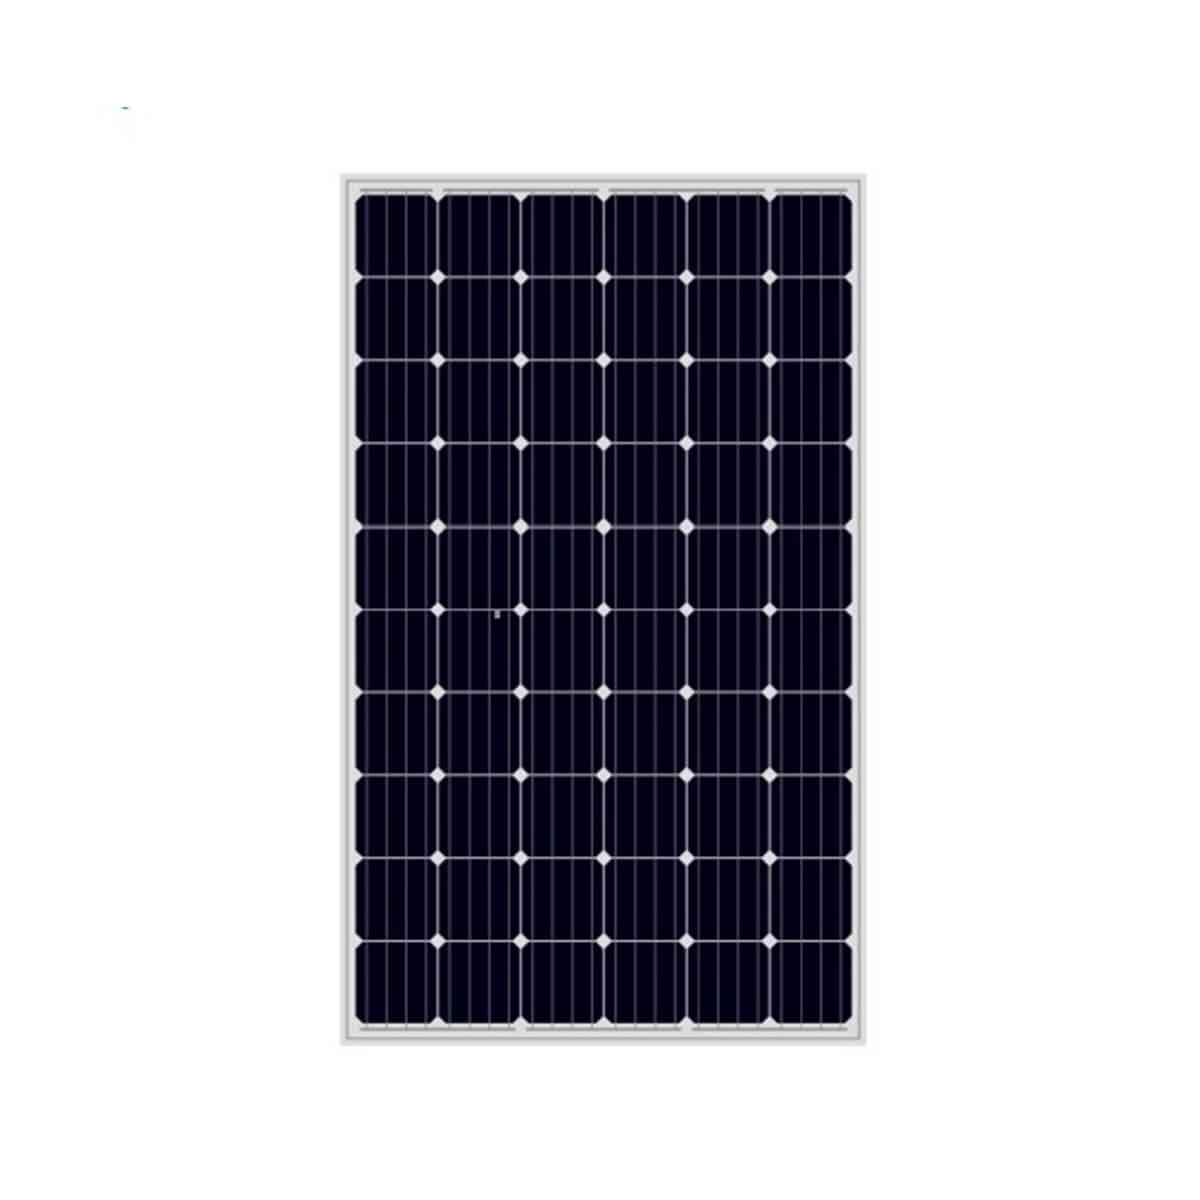 ht solar 325W panel, ht solar 325Watt panel, ht solar 325 W panel, ht solar 325 Watt panel, ht solar 325 Watt monokristal panel, ht solar 325 W watt gunes paneli, ht solar 325 W watt monokristal gunes paneli, ht solar 325 W Watt fotovoltaik monokristal solar panel, ht solar 325W monokristal gunes enerjisi, ht solar HT60-156M-325W panel, HT SOLAR 325 WATT